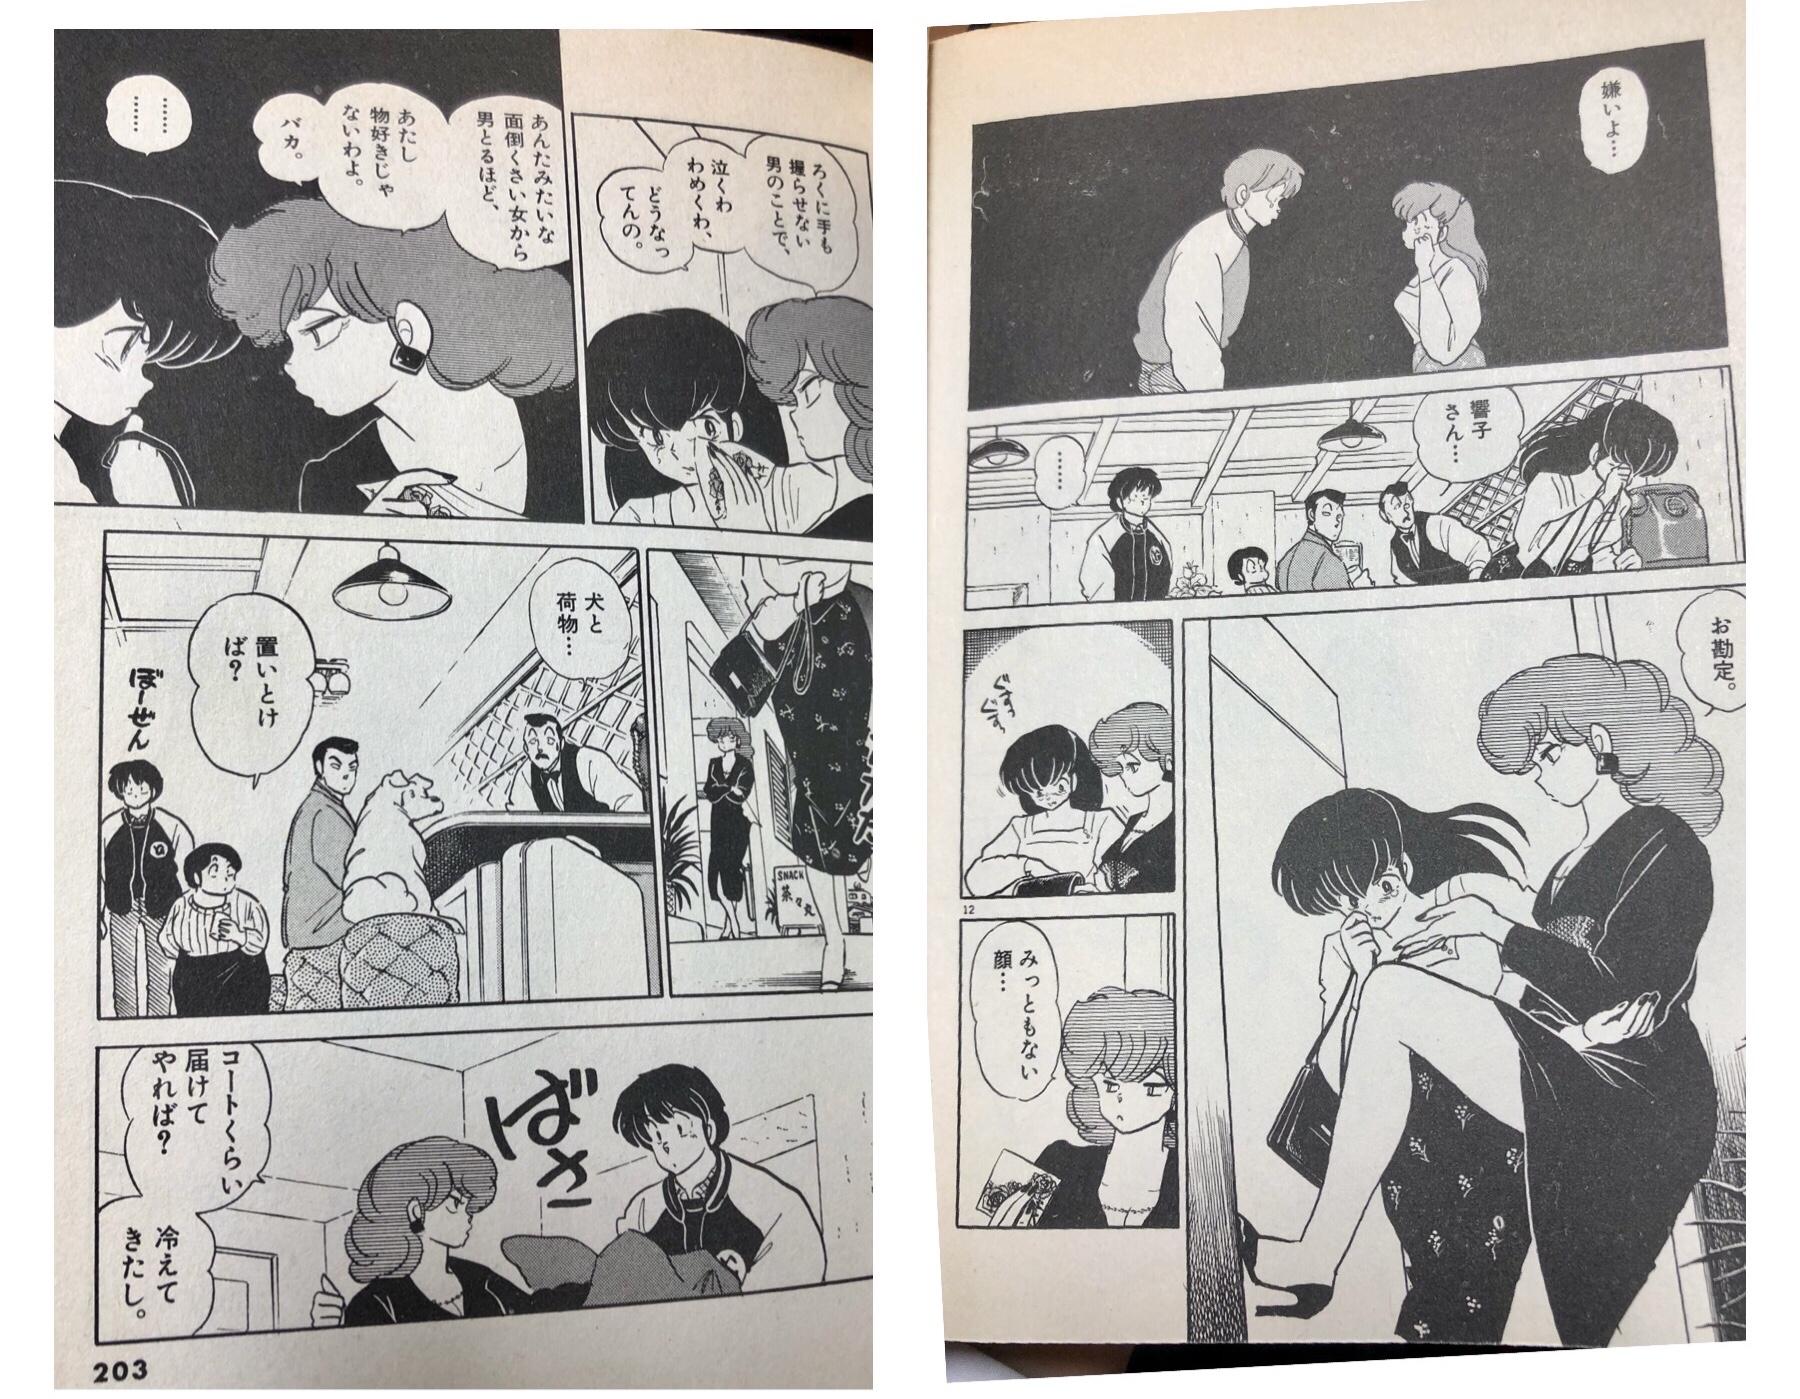 めぞん一刻という漫画について | 春香ちゃんという『幸せの形』を私たちにみせてくれた五代響子さん。